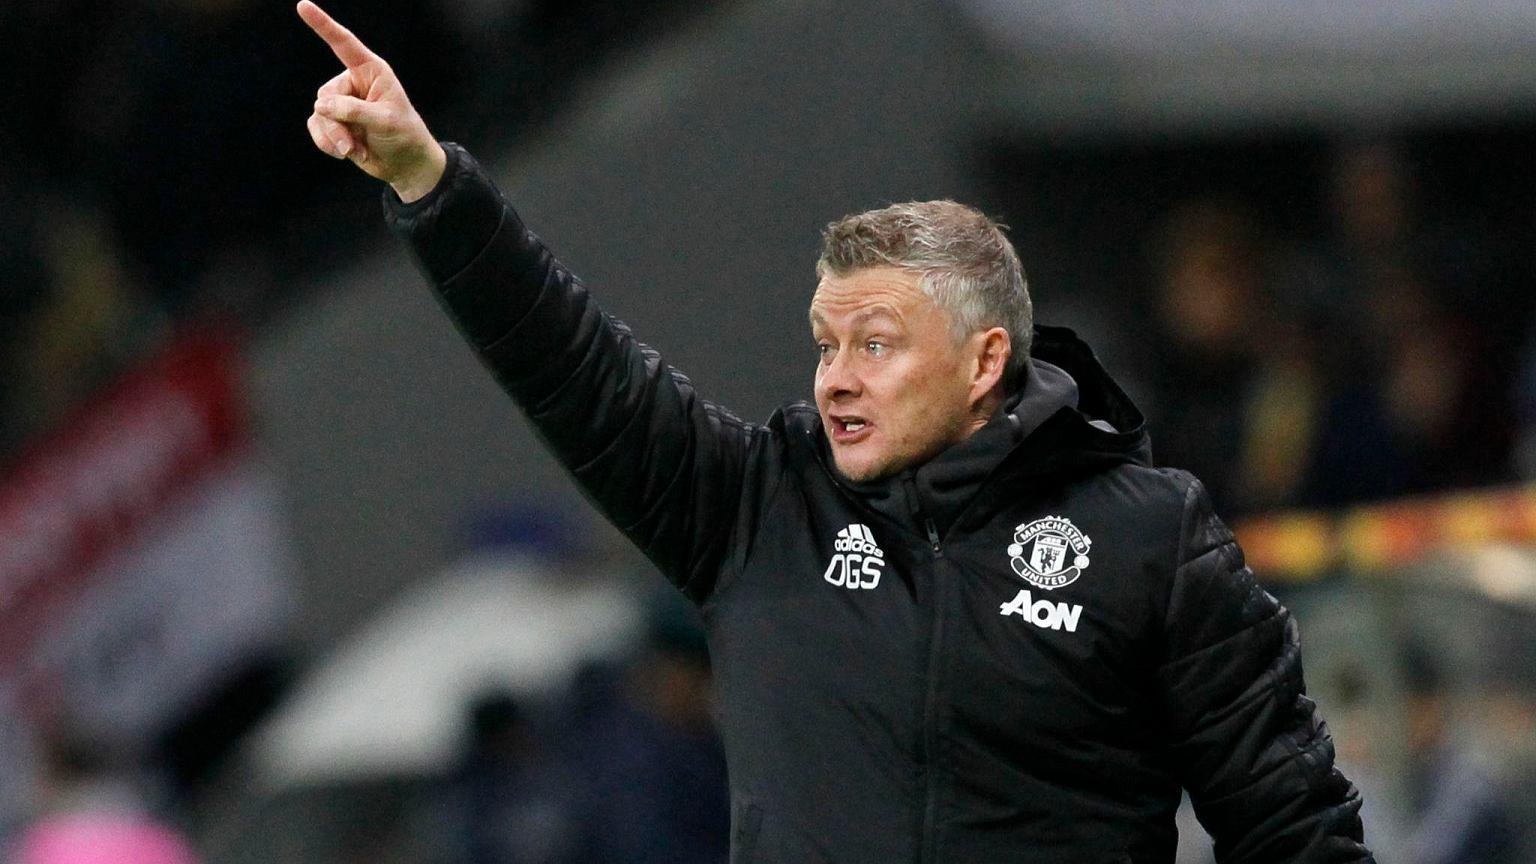 Manchester United przeprowadzi hitowy transfer! 60 mln euro za piłkarza, kontrakt na 5 lat Piłka nożna - Sport.pl